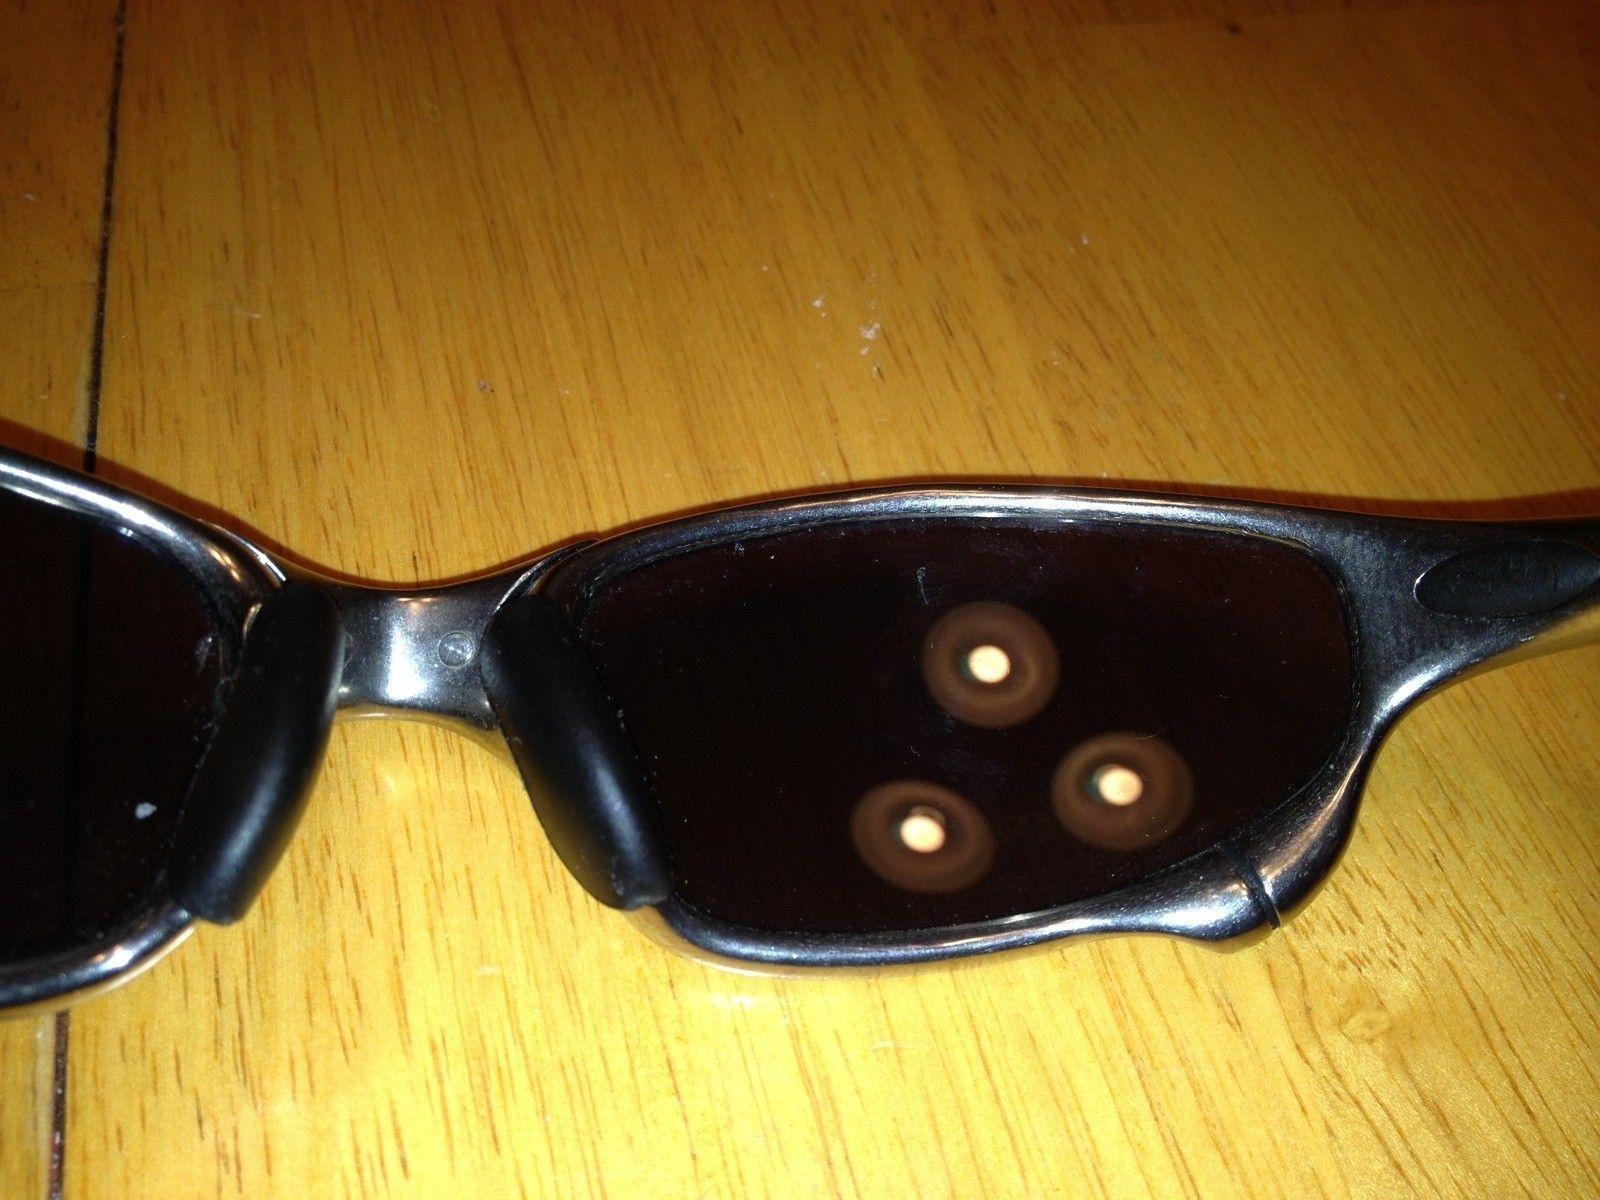 First pair of Juliet's from Craigslist - 5lXEfnNP_original.jpg